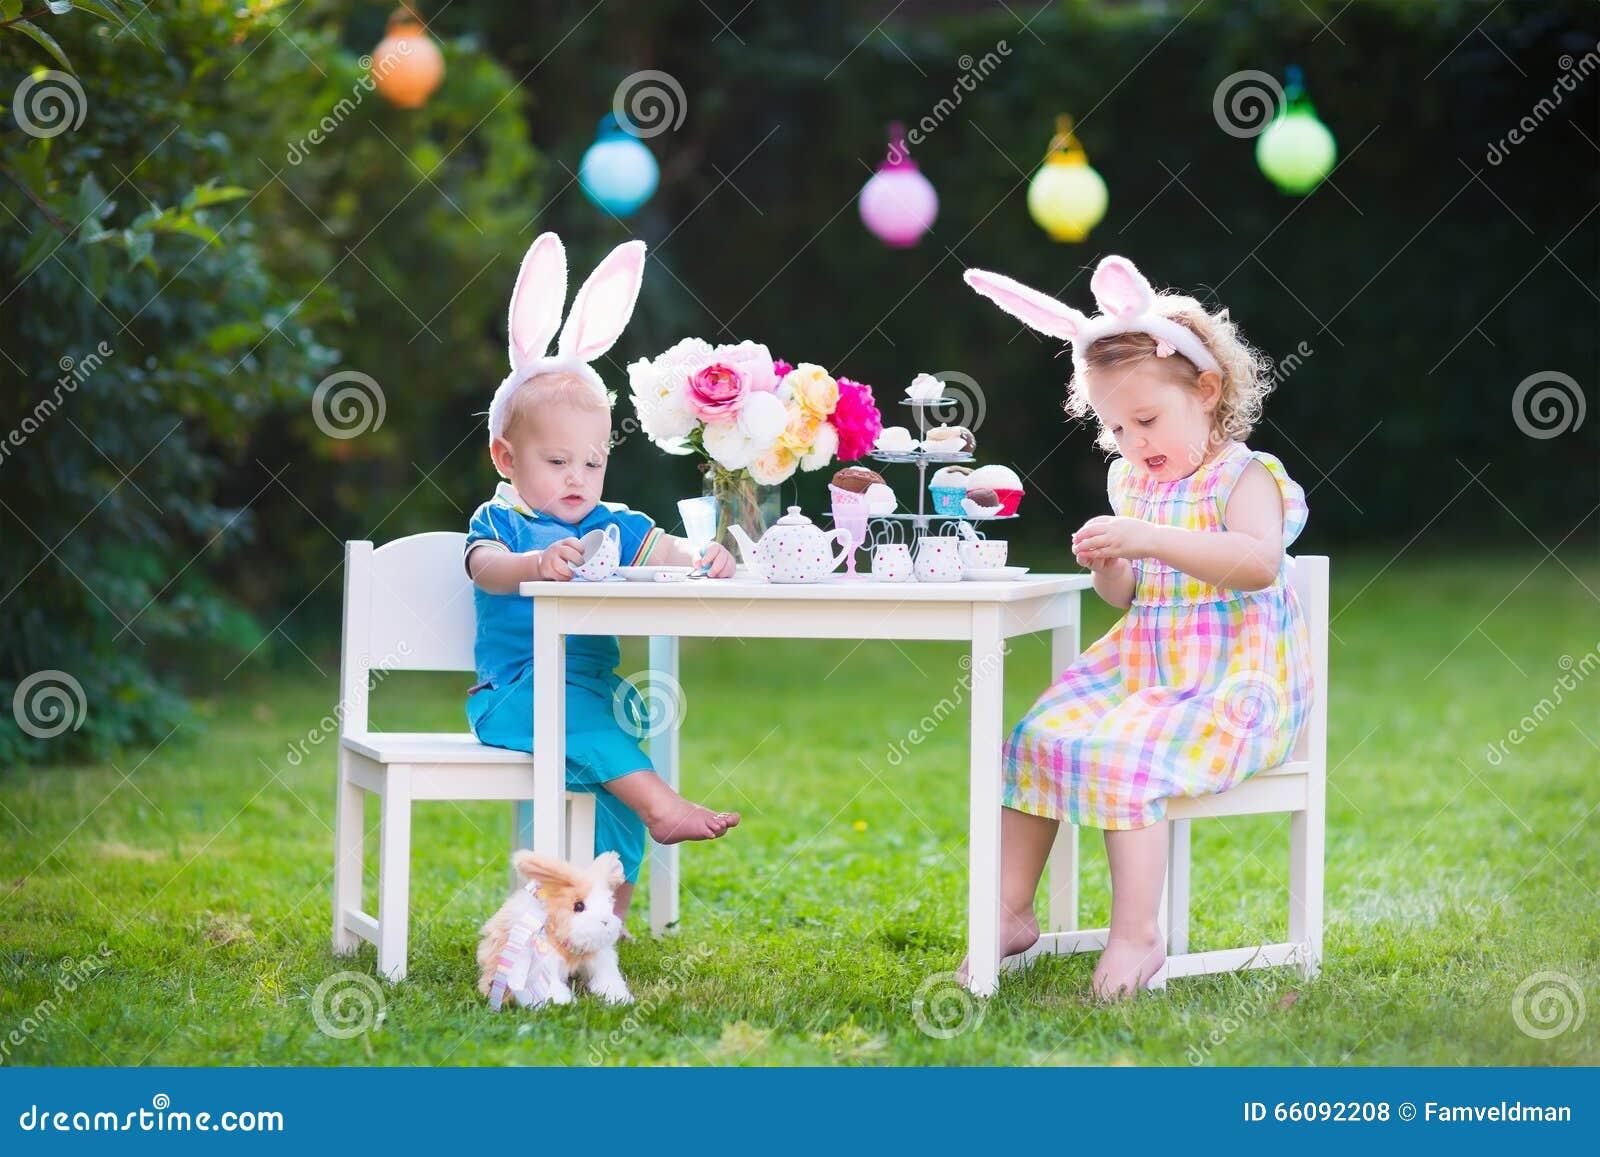 Großartig Spiele Für Küche Tee Party Bilder - Ideen Für Die Küche ...